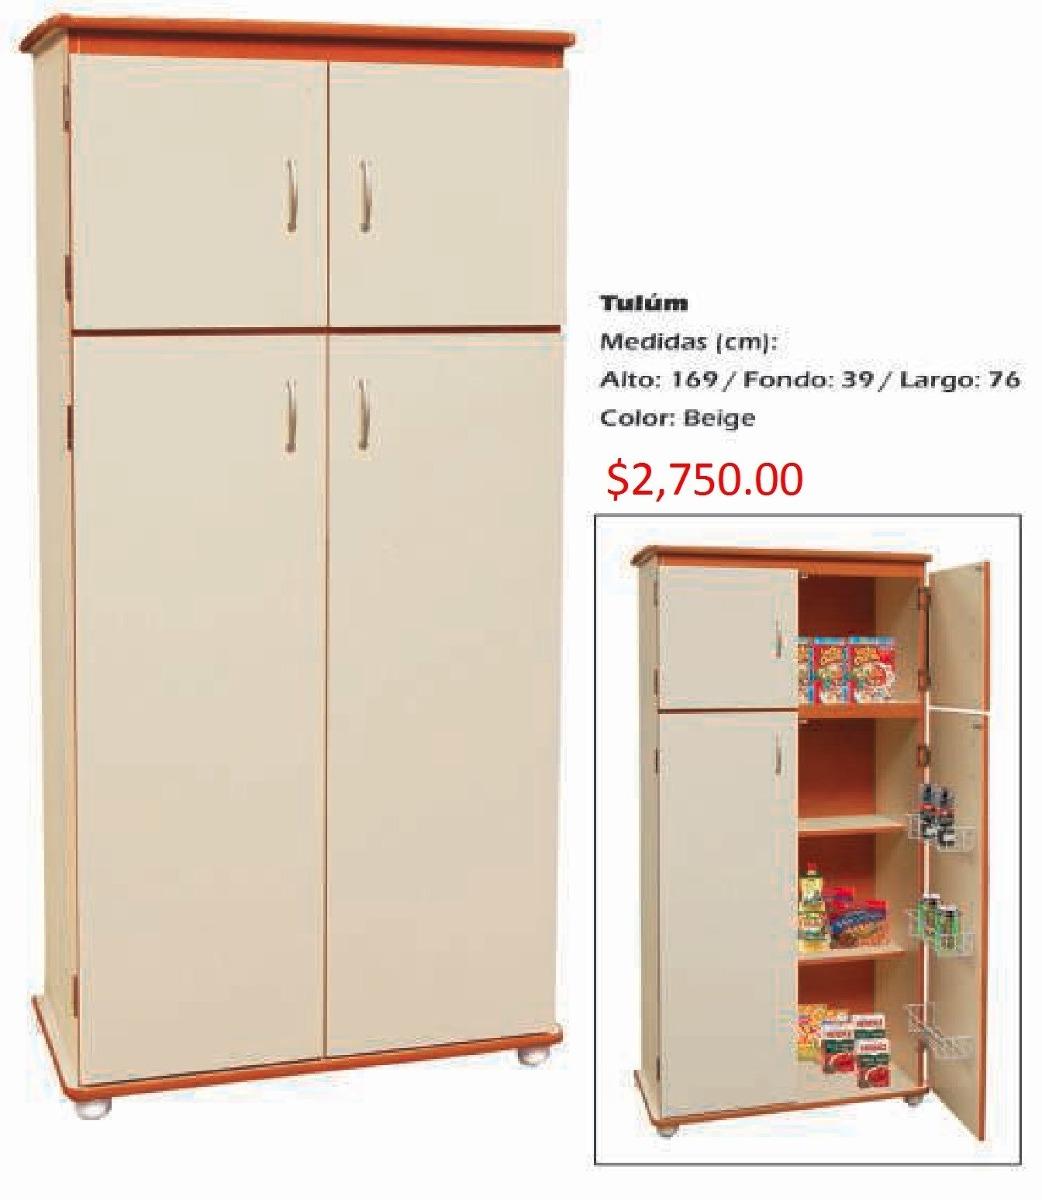 Awesome Mueble Para Cocina Contemporary - Casas  Ideas 98969efdacd7